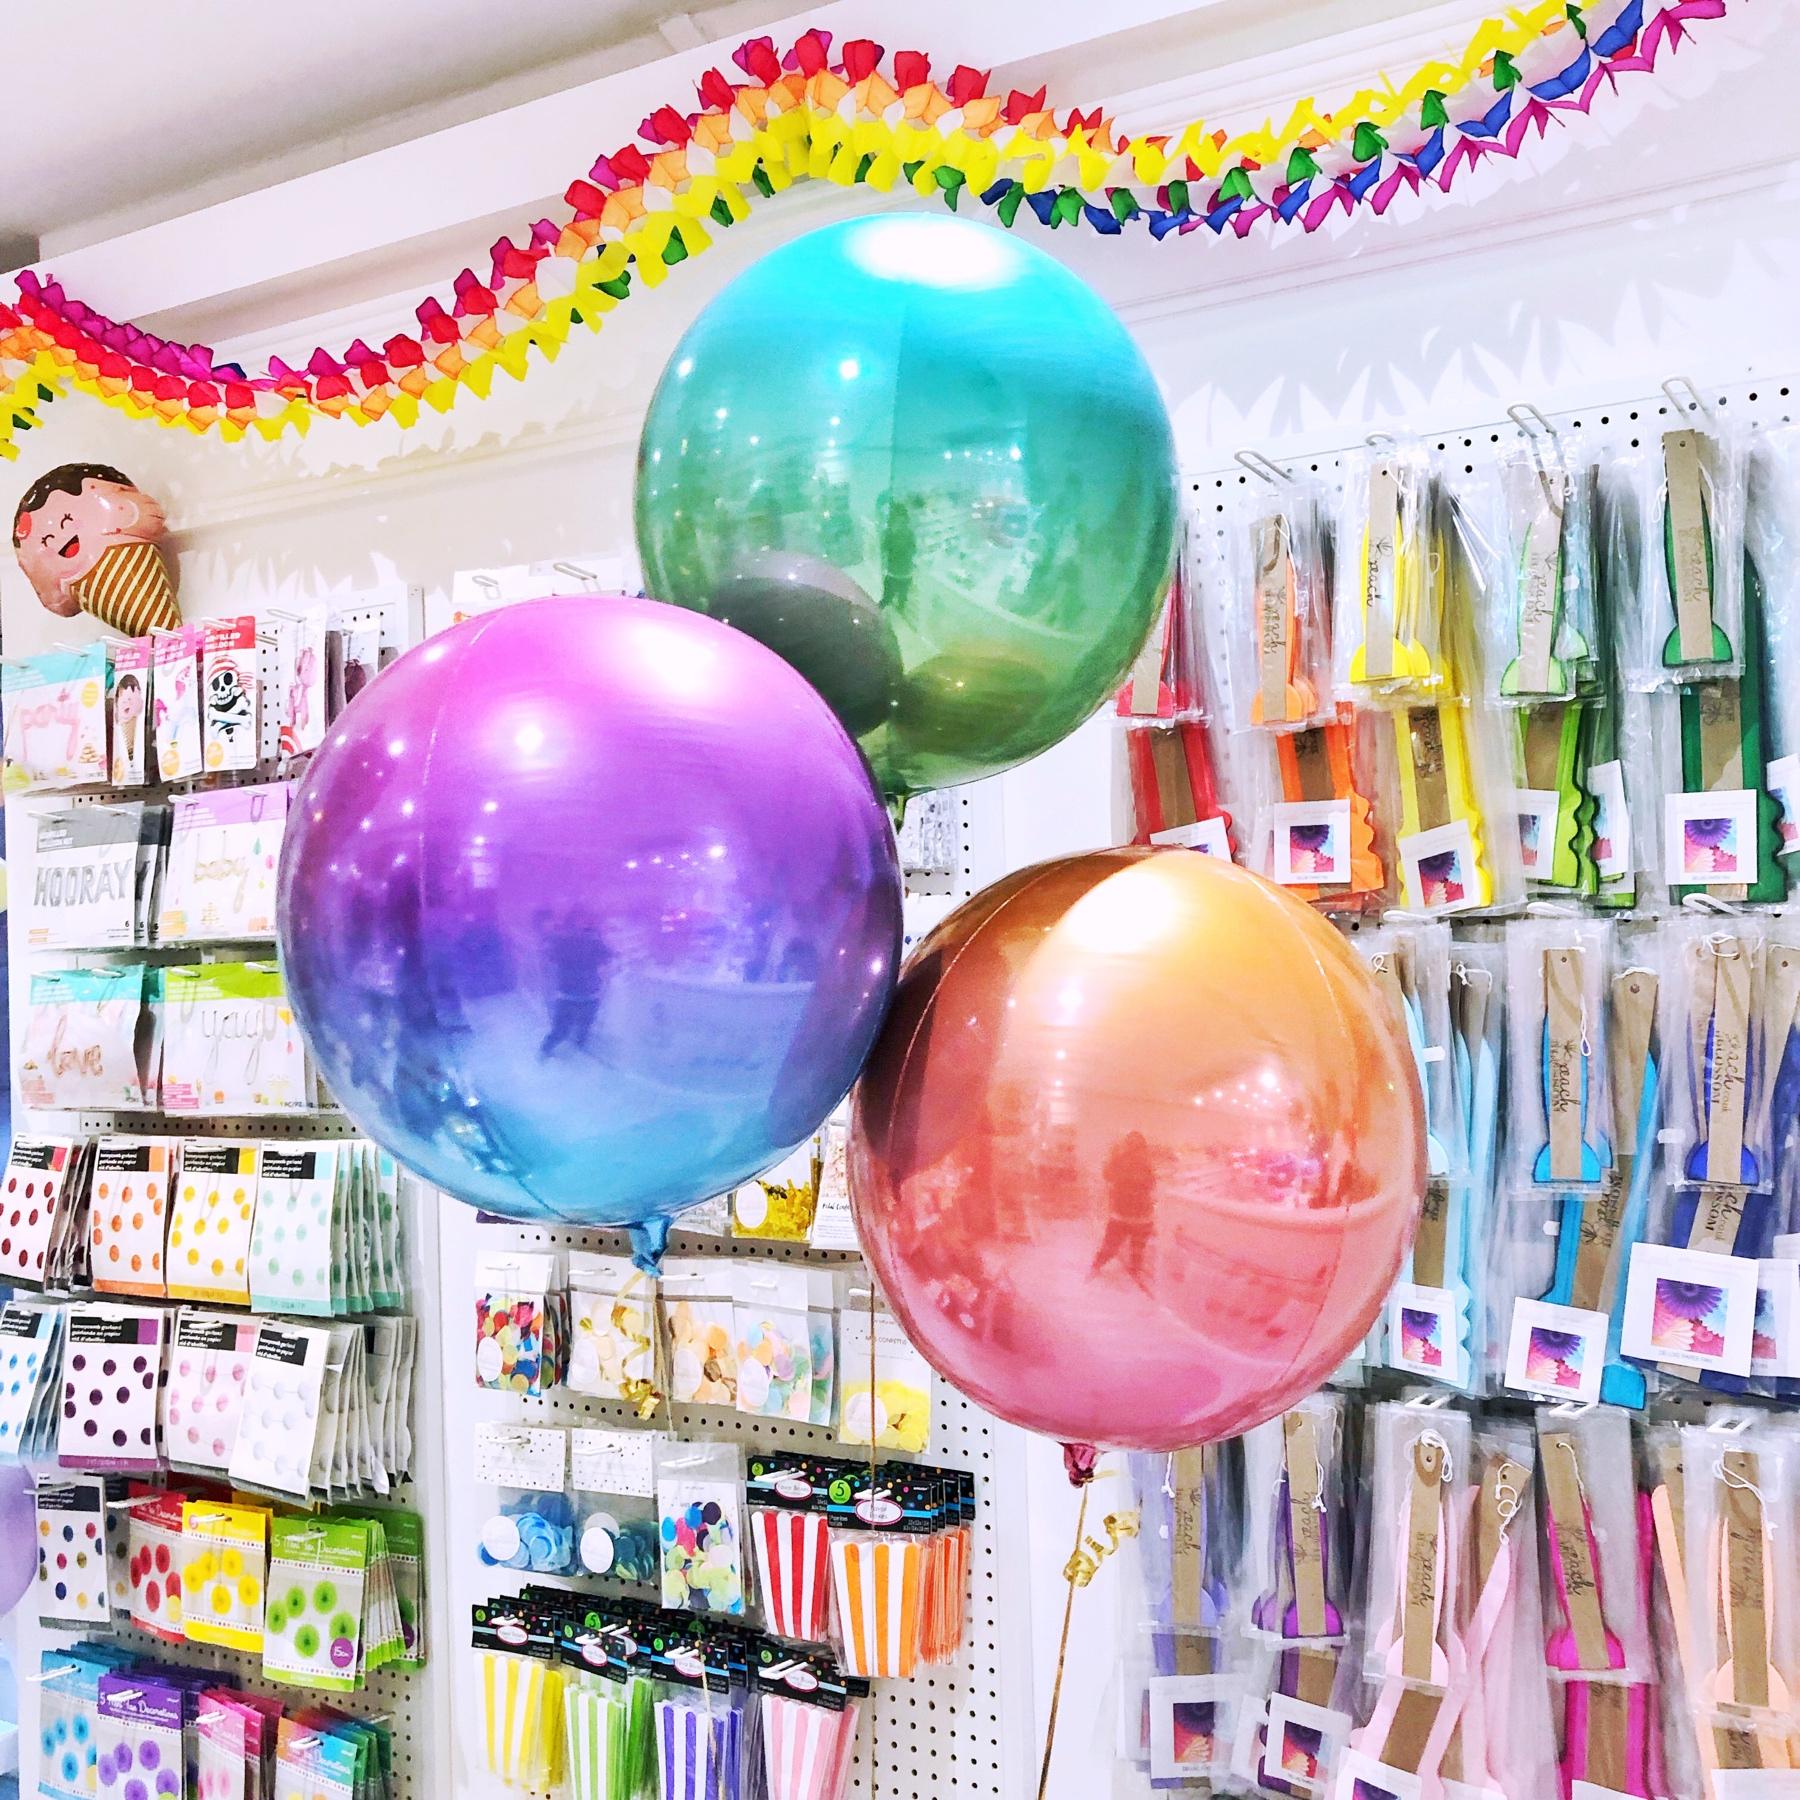 ombre-orb-balloon.jpg